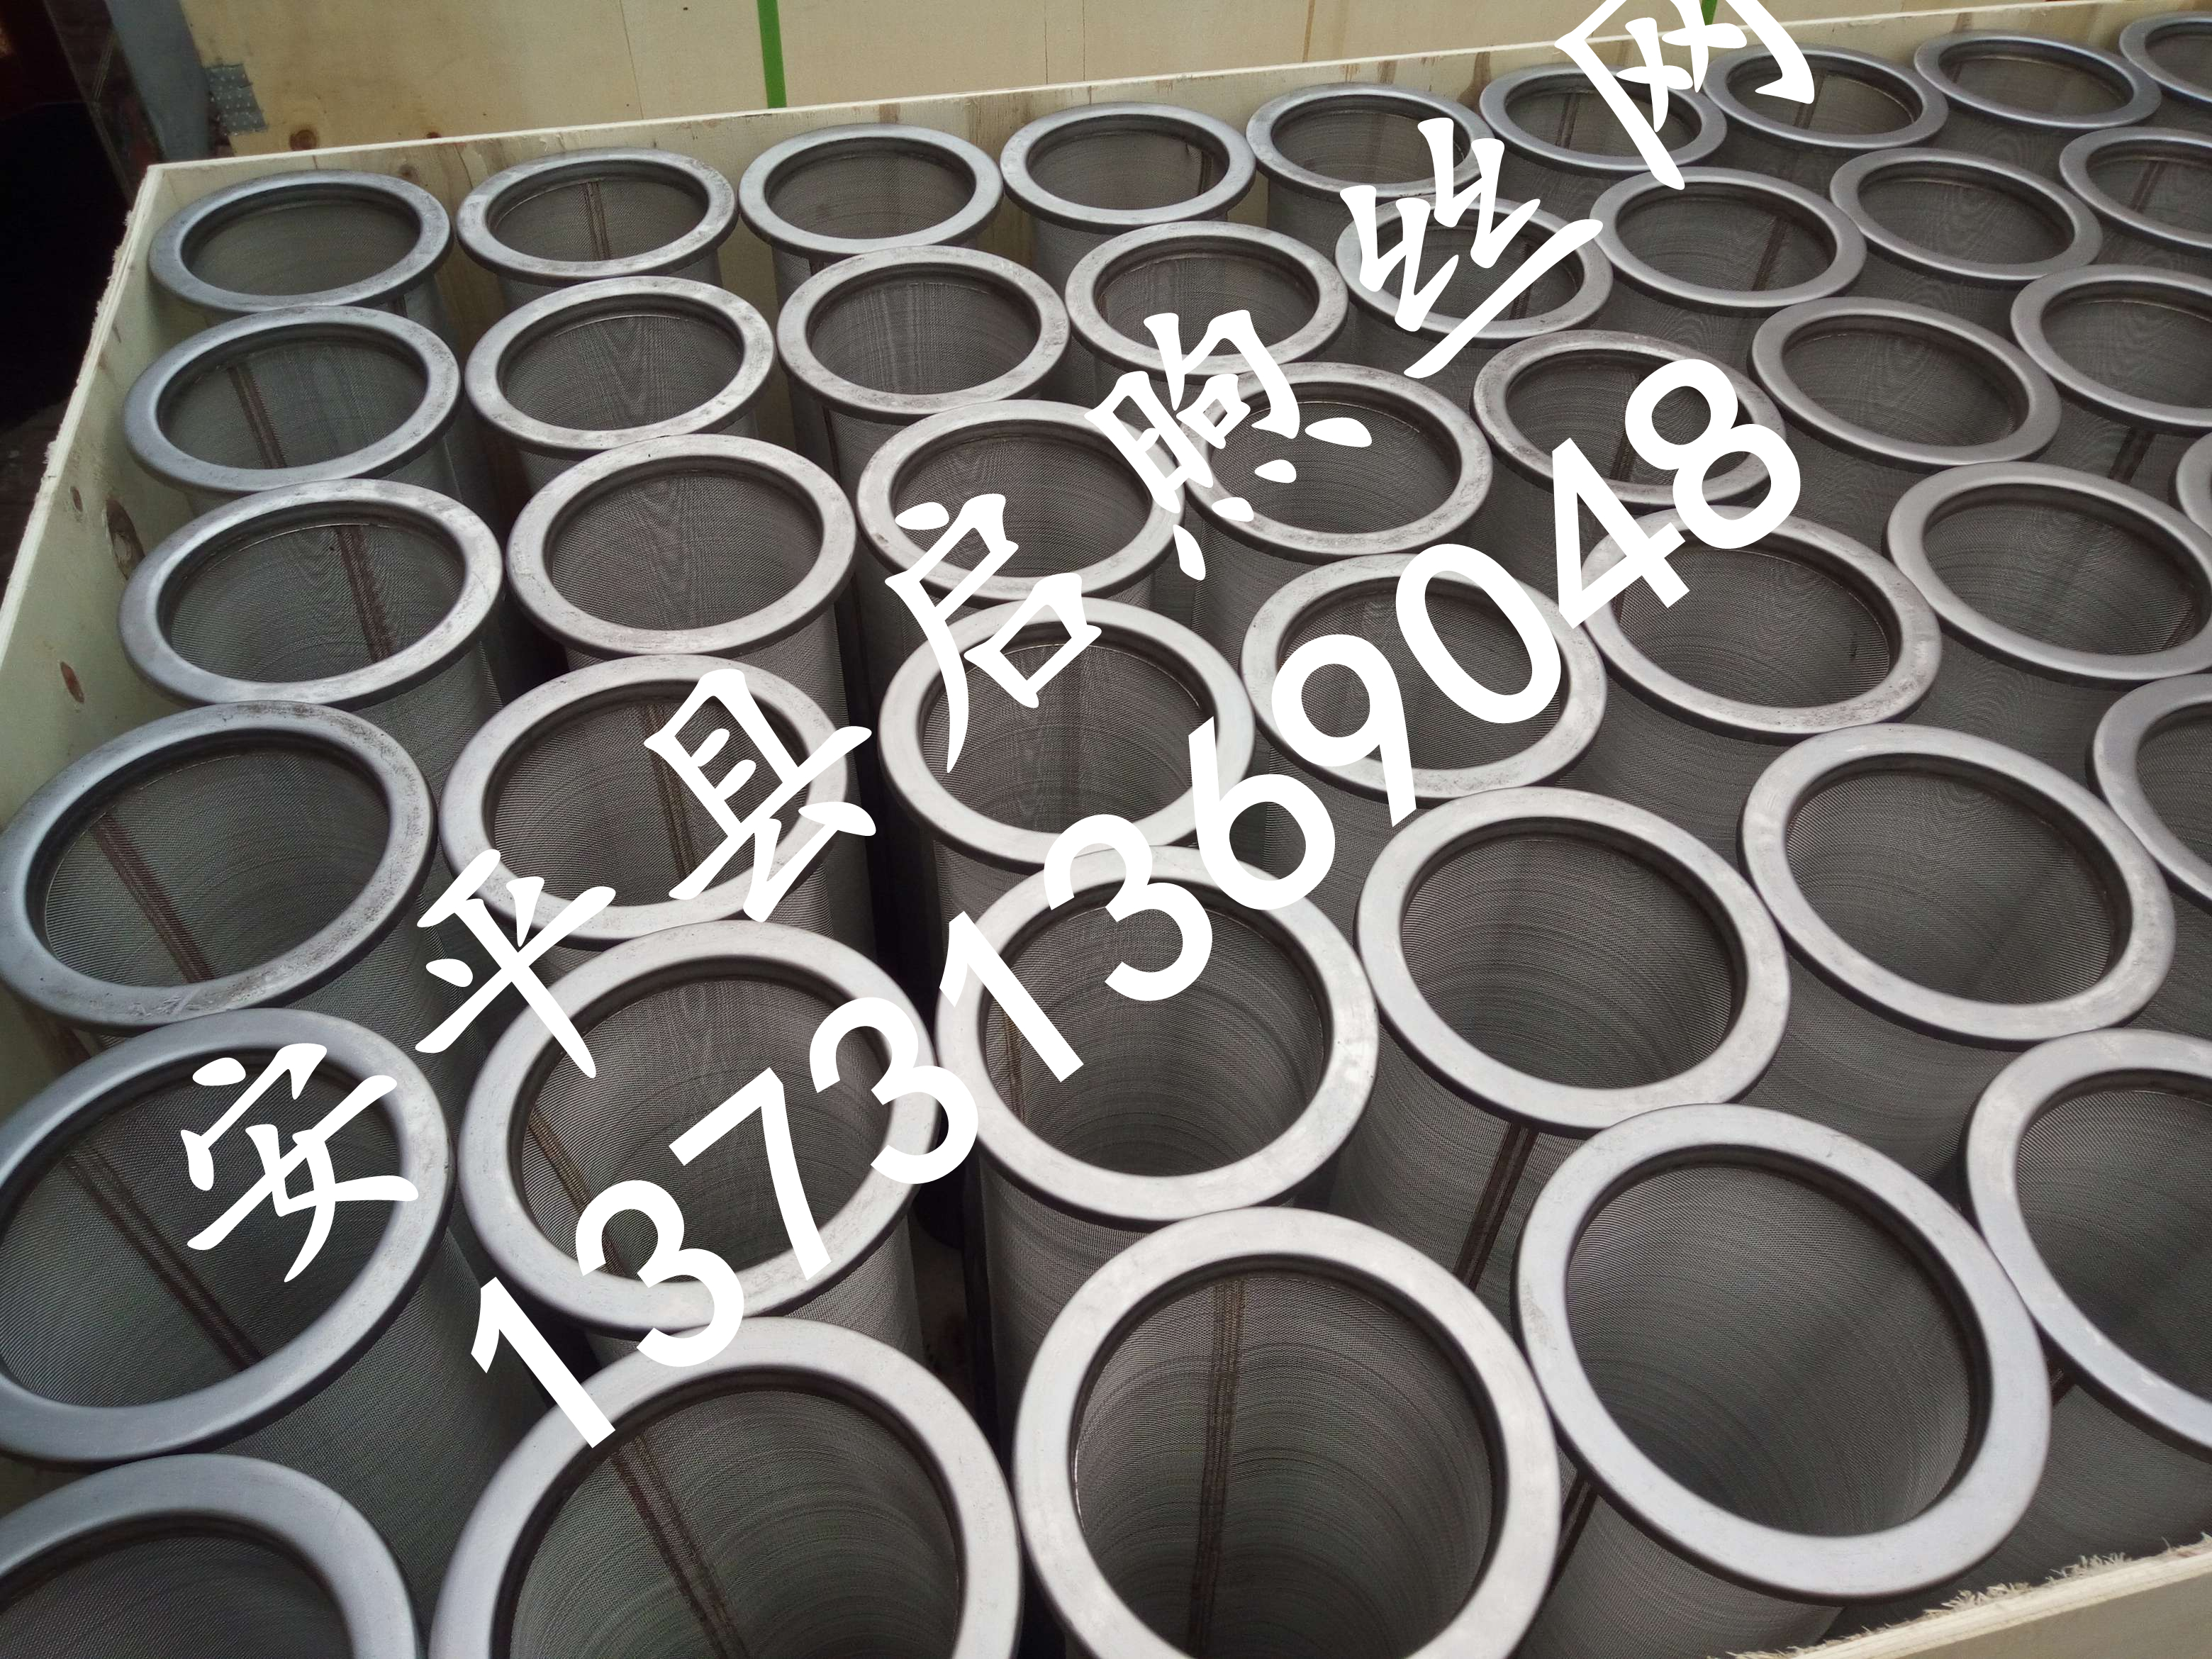 厂家直销304不锈钢过滤网 管道过滤器滤网 过滤筛网丝网纱网滤筒